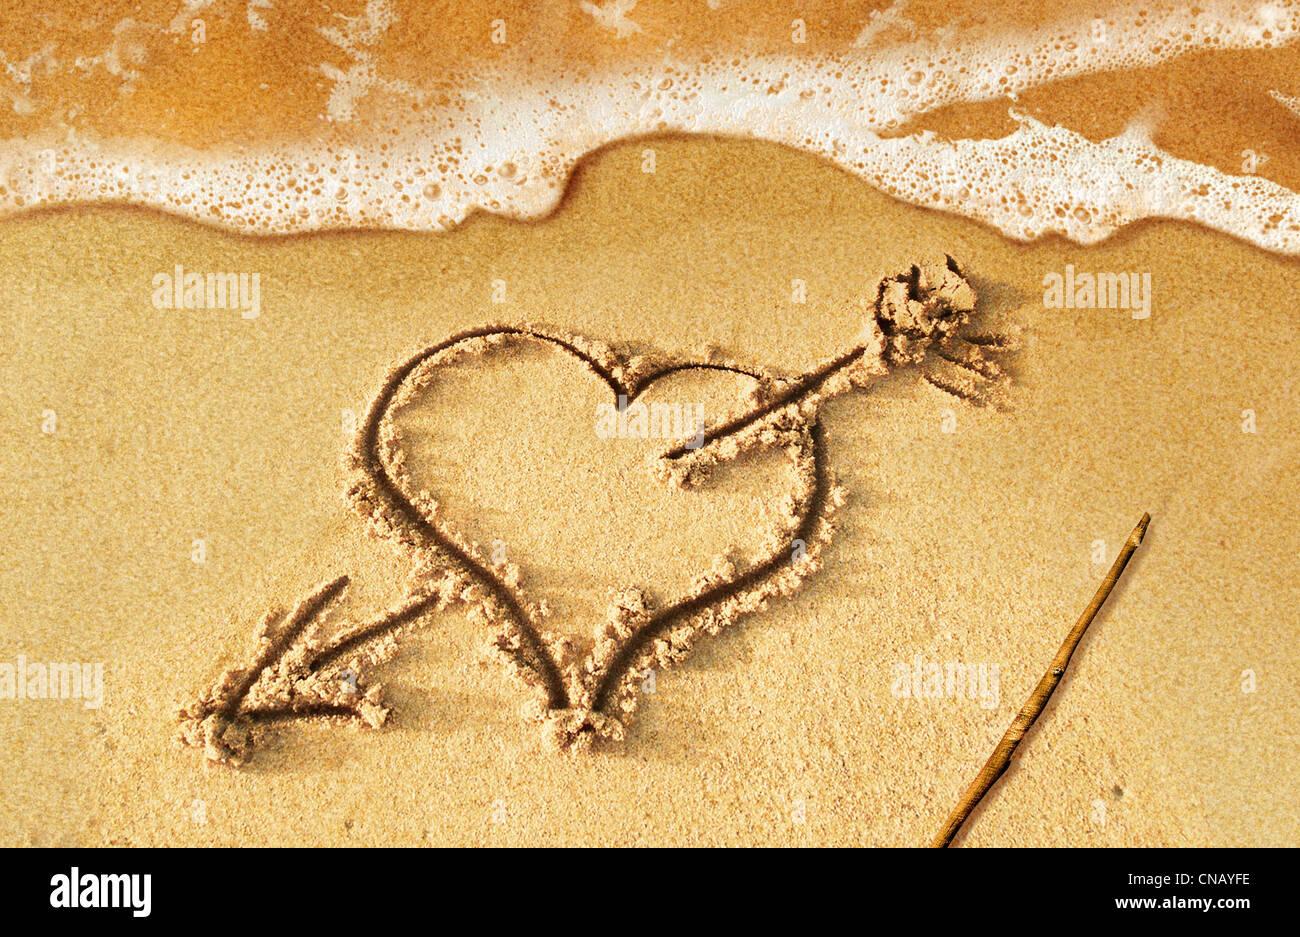 Cuore con freccia, come segno di amore, disegnata in riva alla spiaggia, con un po' di acqua e schiuma proveniente Foto Stock